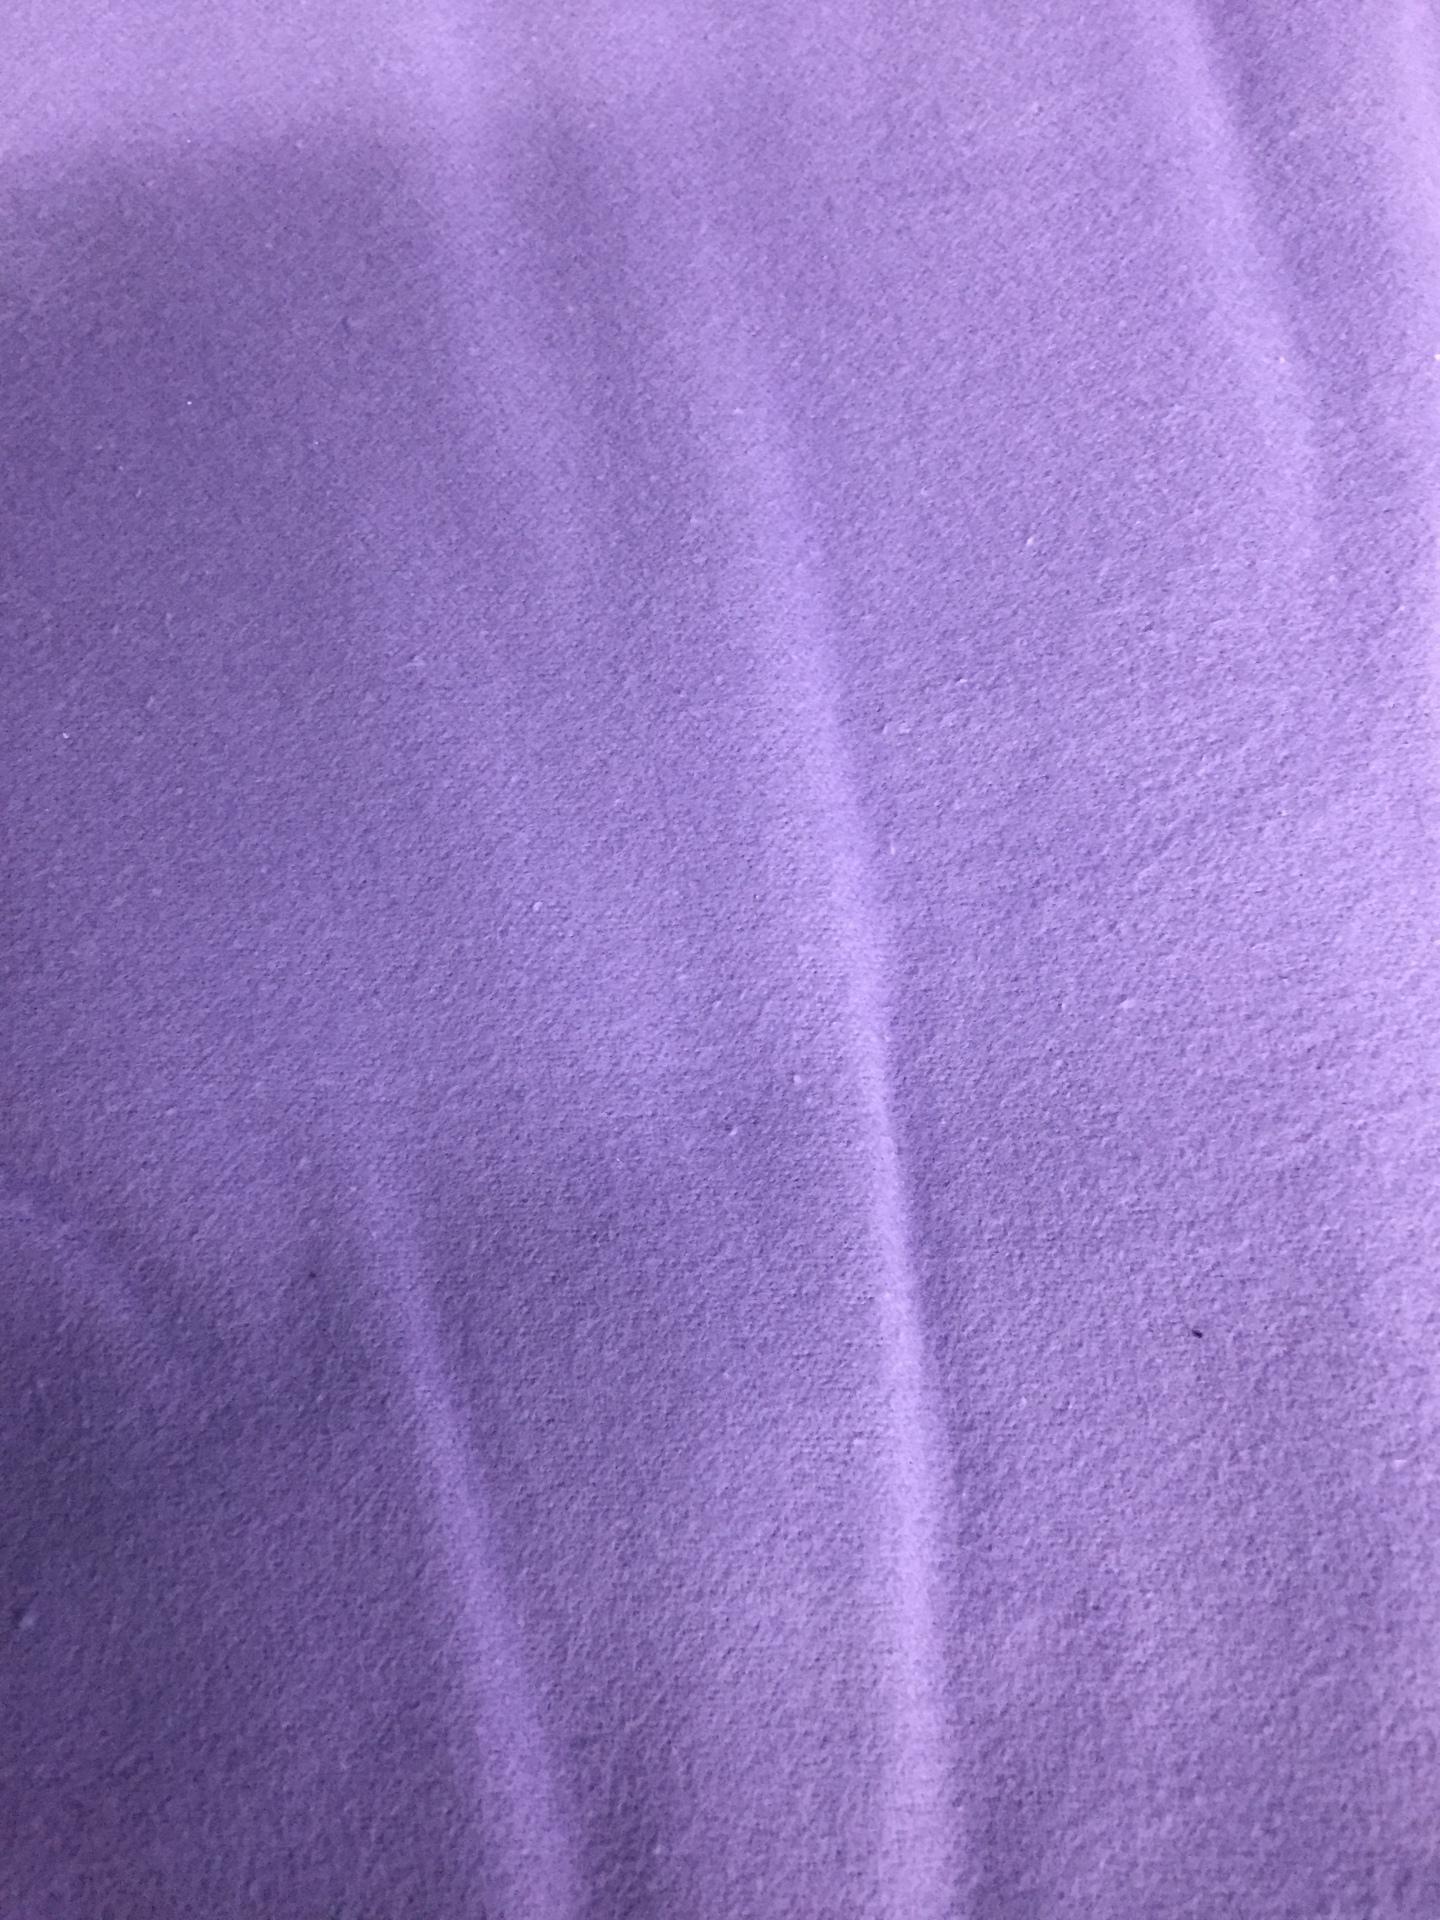 040 Purple - Flannel